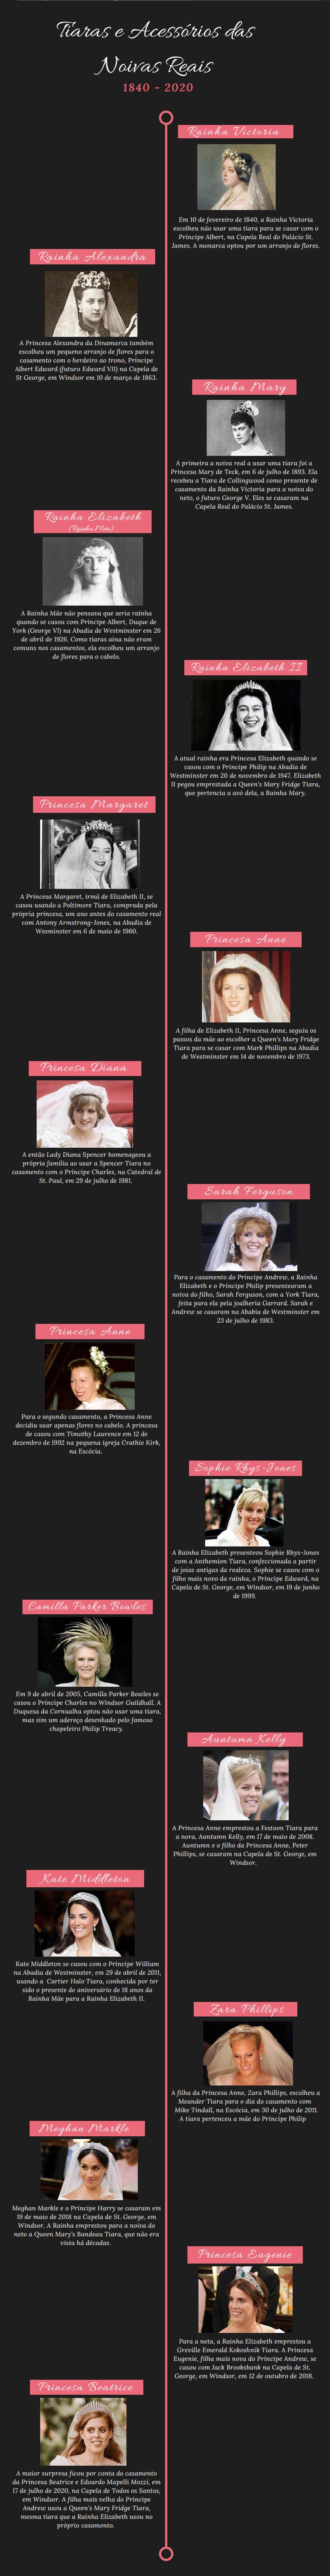 Todas as informações do infográfico e muitas informações extras estão disponíveis no artigo especial: https://pontedelondres.com/2020/11/26/as-tiaras-e-acessorios-de-casamento-das-noivas-reais-de-1840-a-2020/